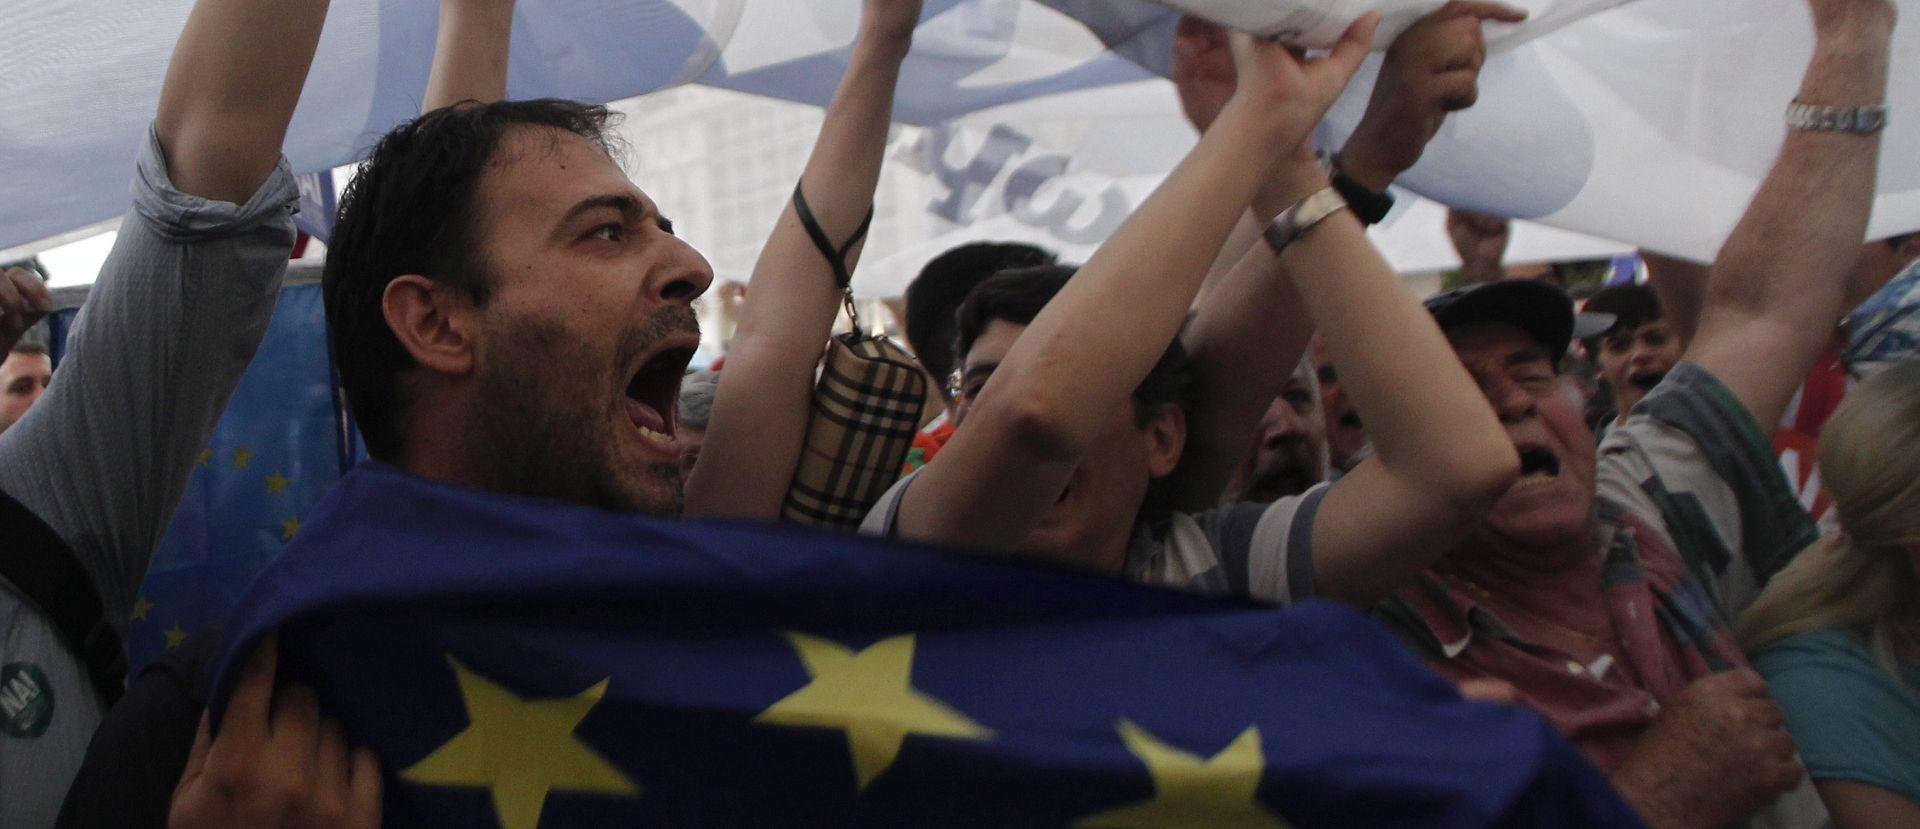 MINIMALNE ŠANSE ZA SPAS: EU otkazao summit, pregovore o grčkoj krizi nastavlja euroskupina